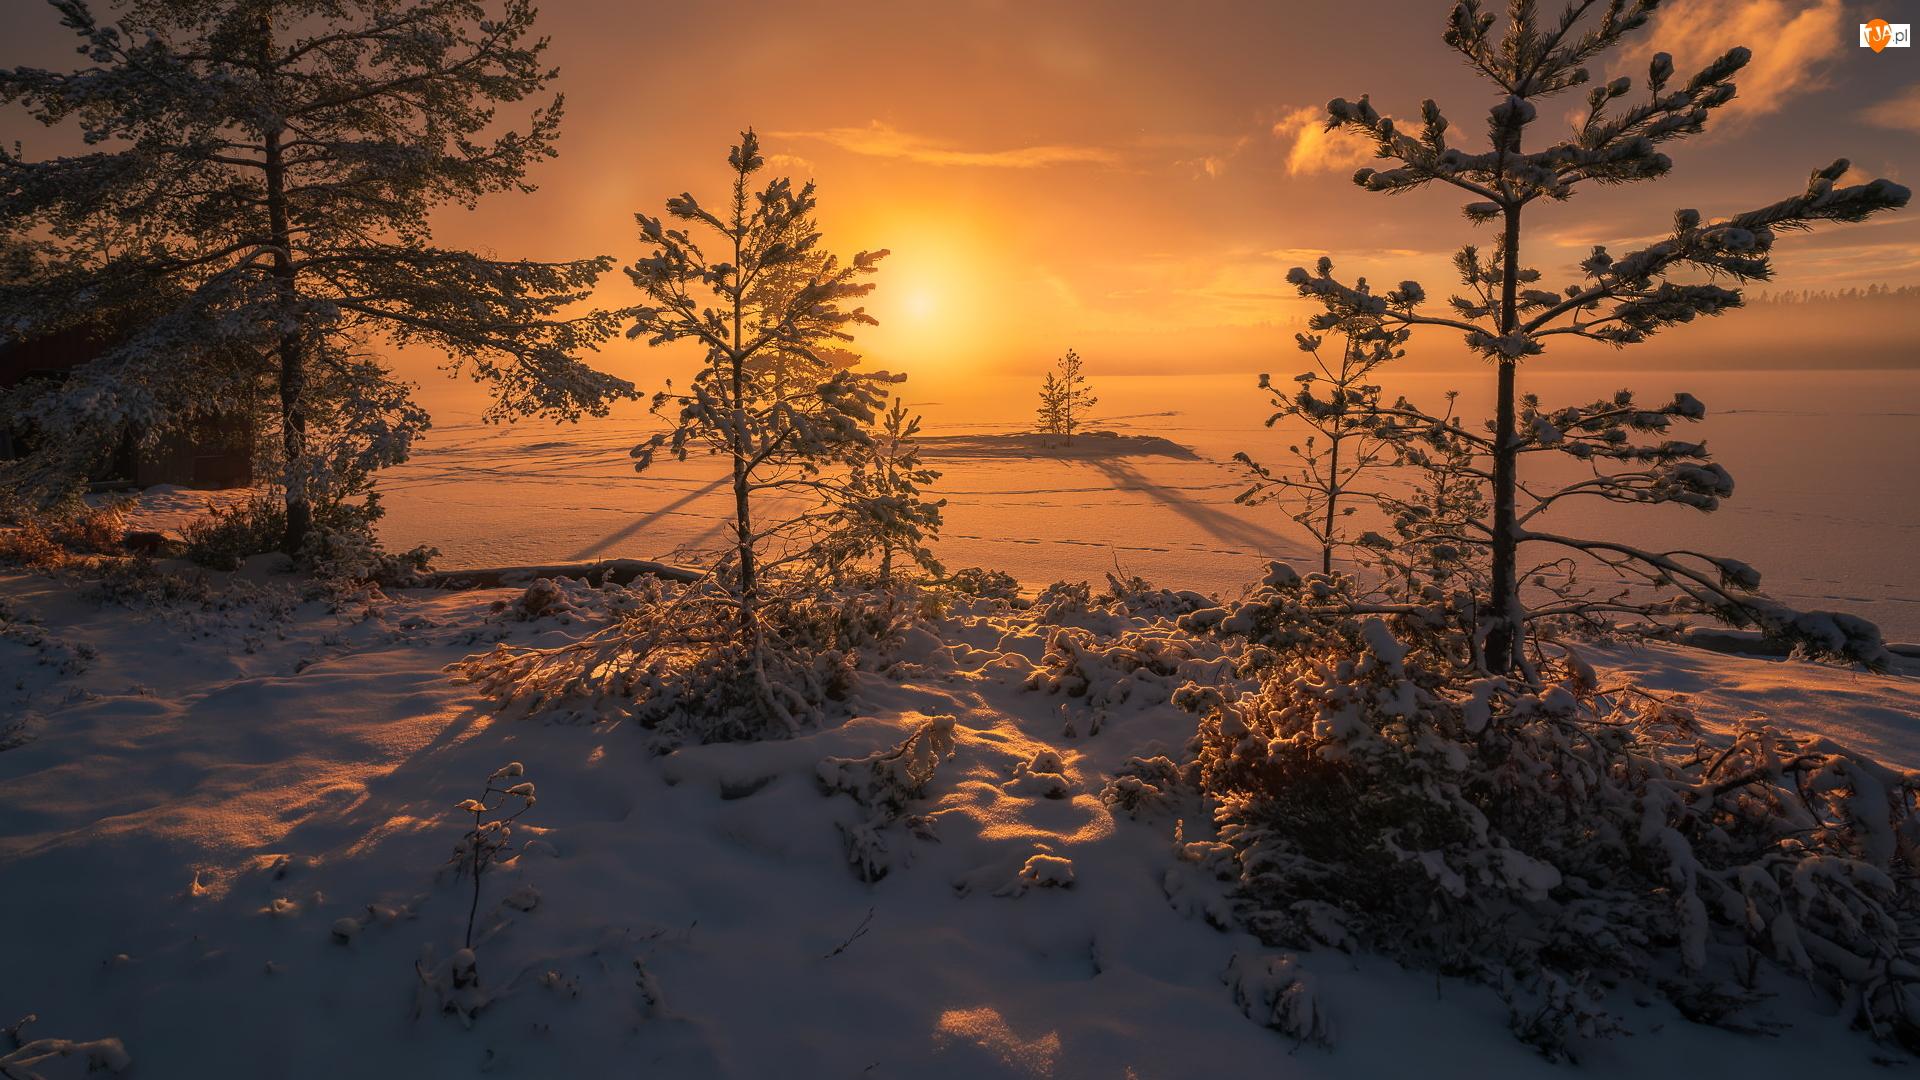 Drzewa, Zachód słońca, Zaśnieżone, Ringerike, Zima, Jezioro, Norwegia, Śnieg